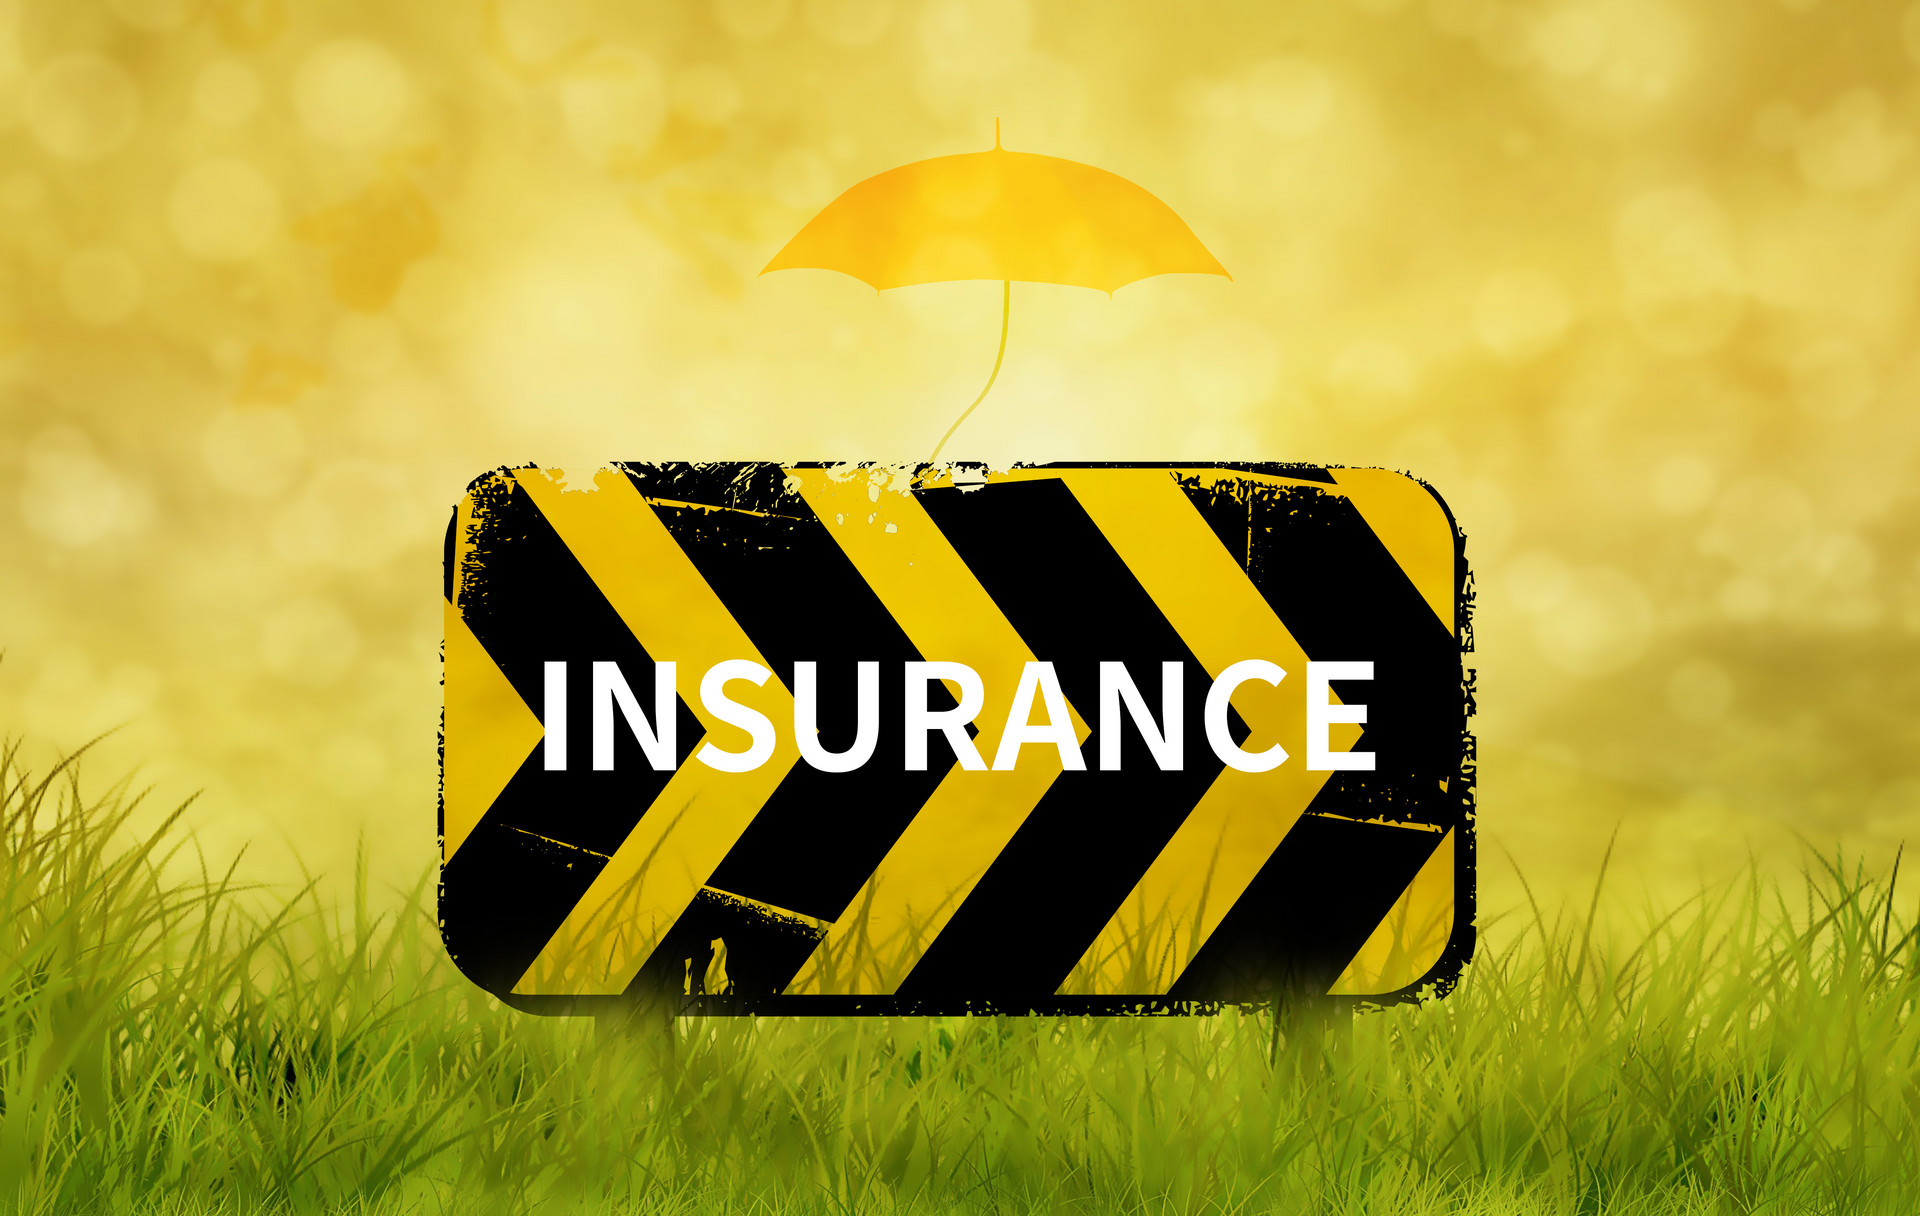 保险公司会不会倒闭,买保险怎么选择保险公司